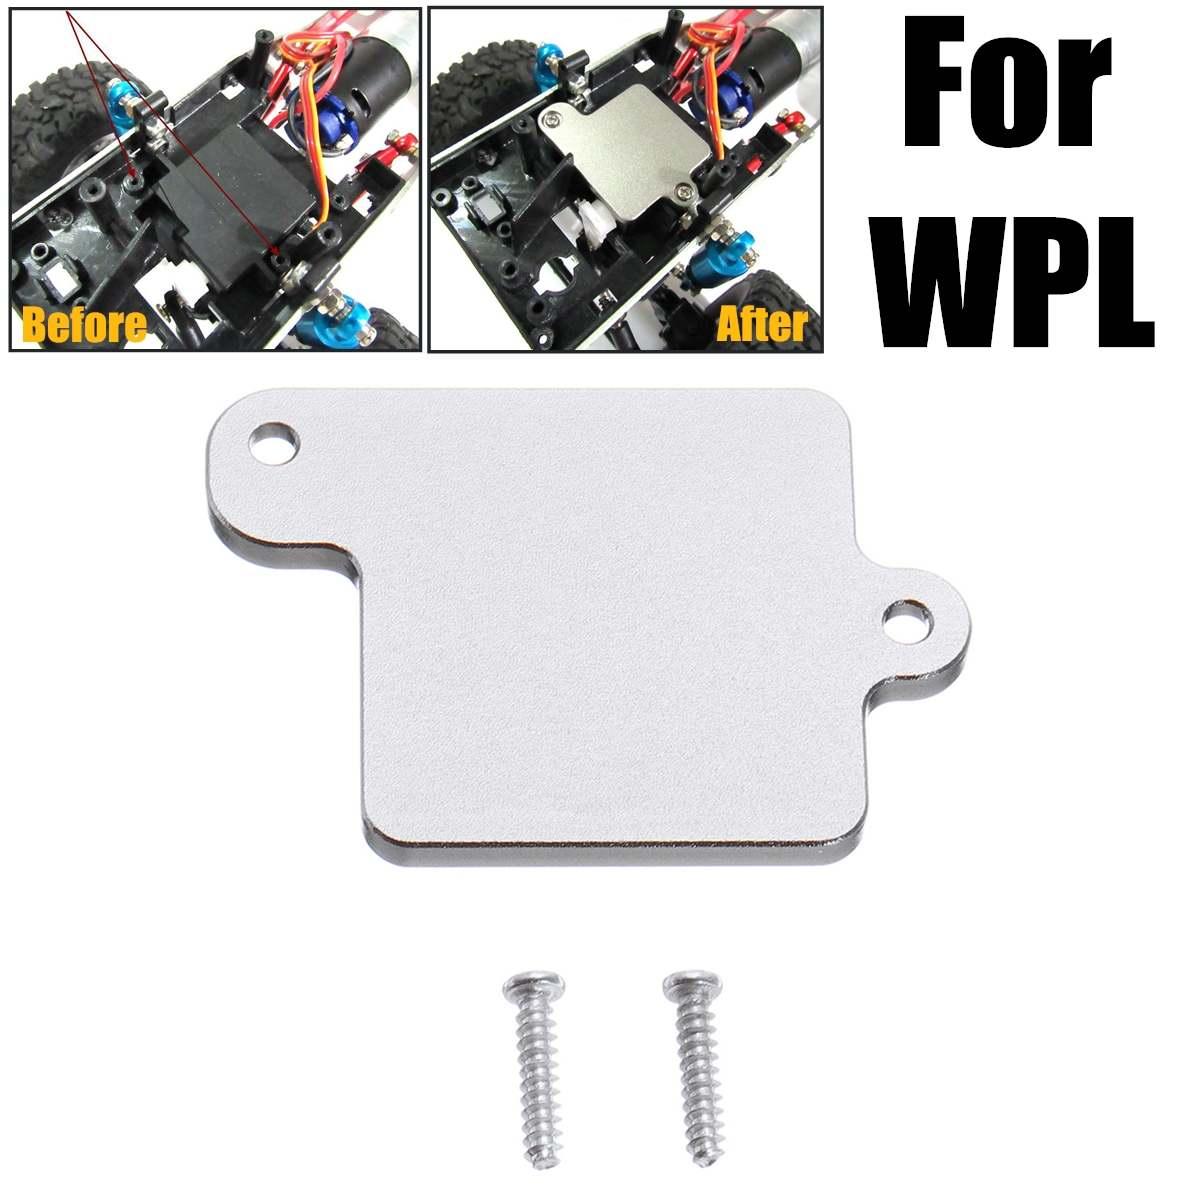 1 Uds. Reemplazo de hoja de fijación de engranaje de dirección de Metal tornillos de actualización DIY maqueta modificada de juguete para accesorios de la serie WPL pieza de coche